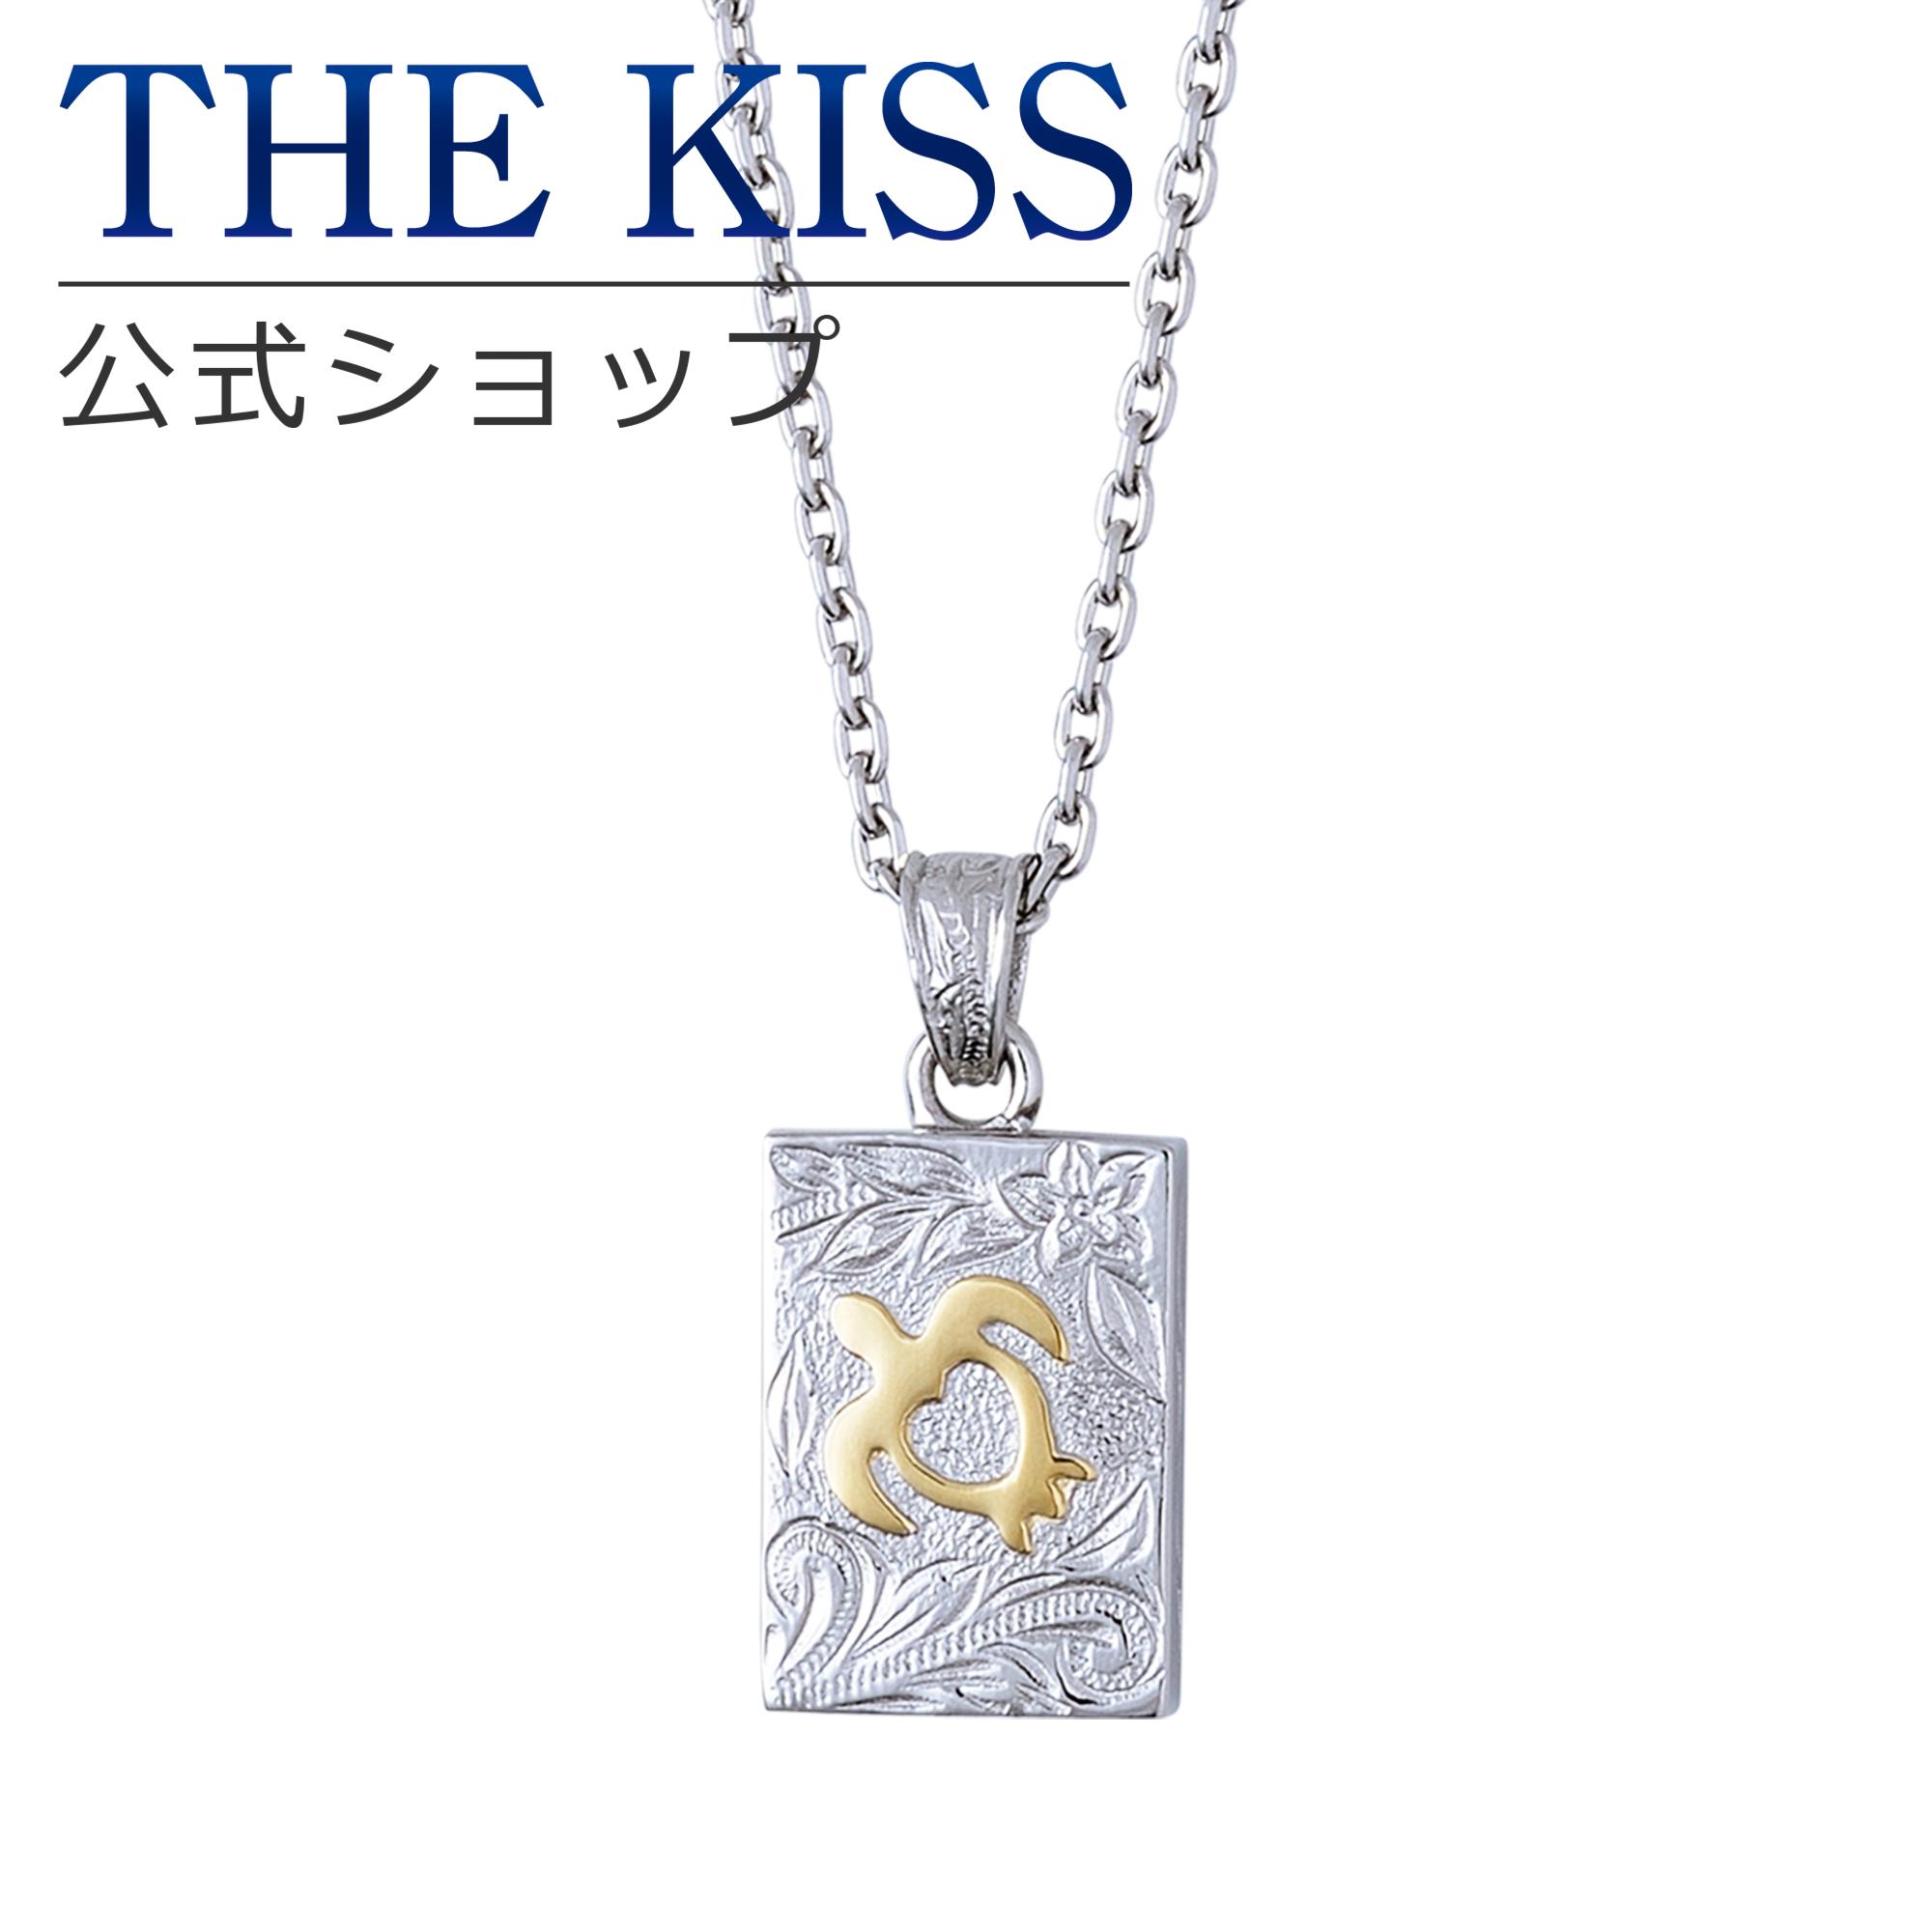 【あす楽対応】THE KISS 公式サイト ステンレス ハワイアン ペアネックレス (メンズ 単品) ペアアクセサリー カップル に 人気 の ジュエリーブランド THEKISS ペア ネックレス・ペンダント 記念日 プレゼント L-N8003 ザキス 【送料無料】